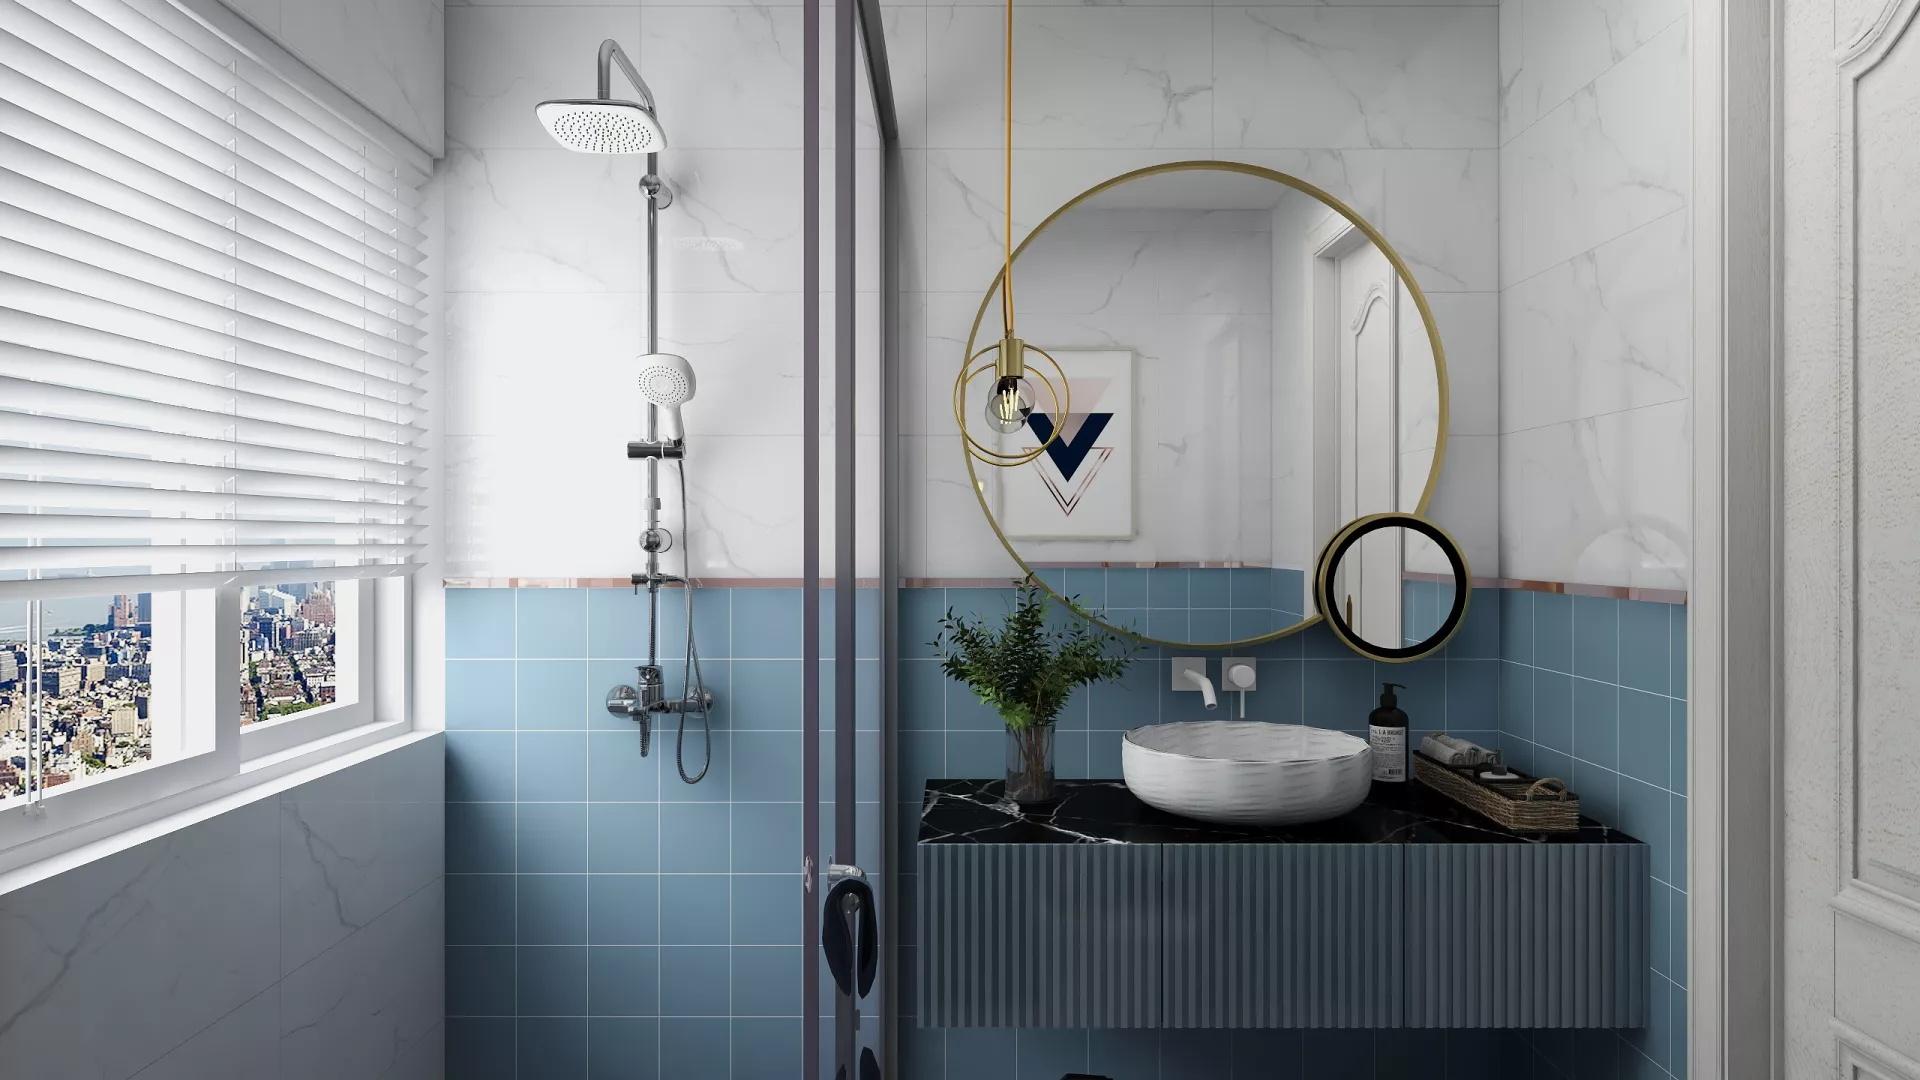 怎么选购简易淋浴房 淋浴房如何清洁